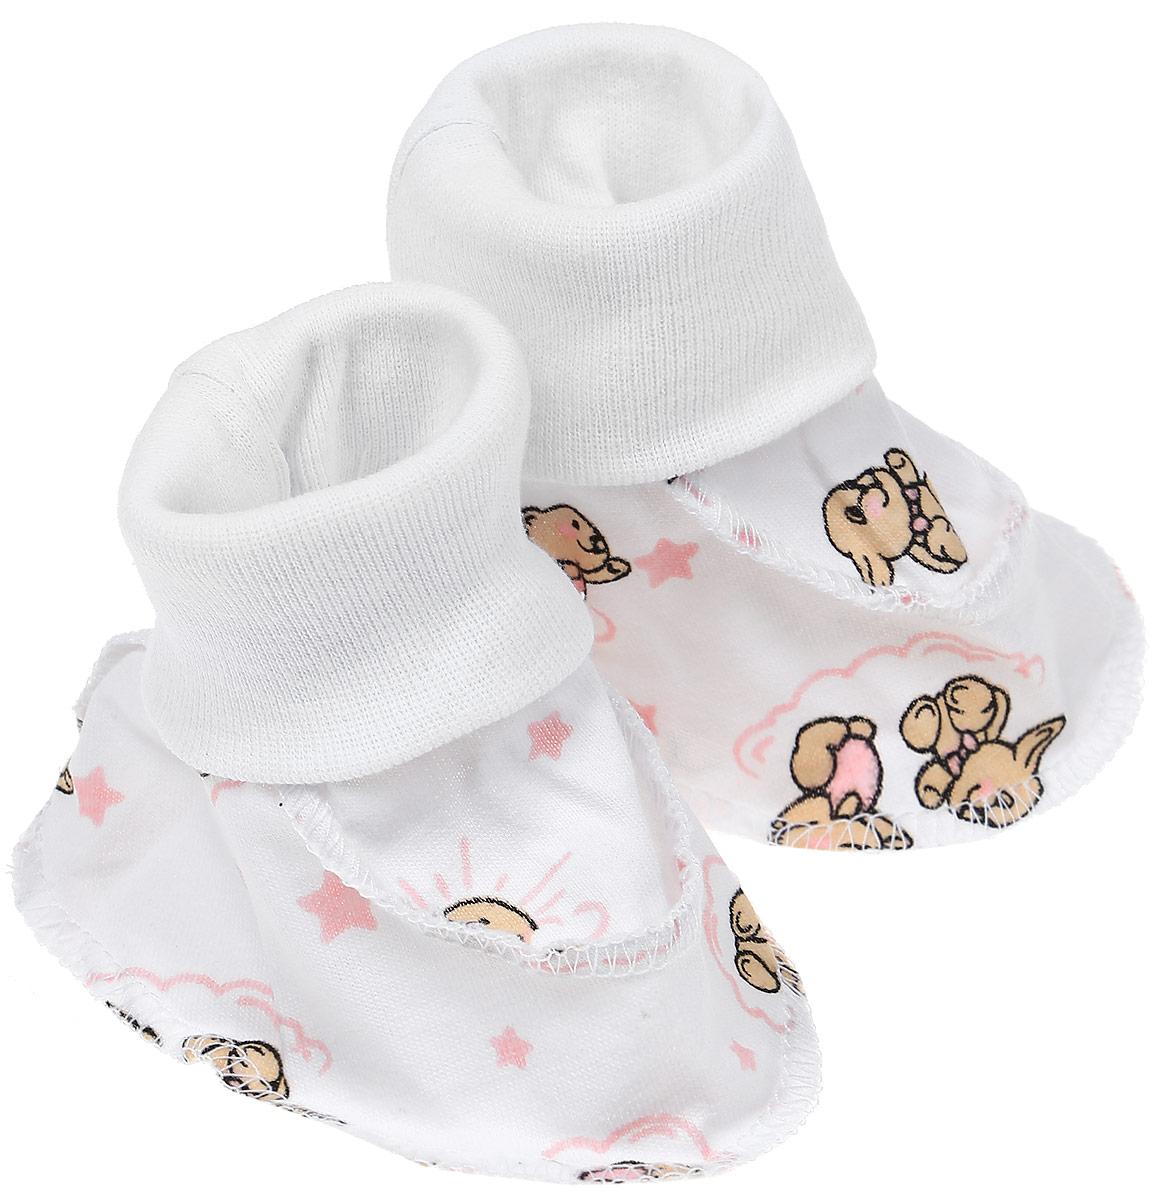 Пинетки Чудесные одежки, цвет: белый, розовый, бежевый. 5902. Размер 62